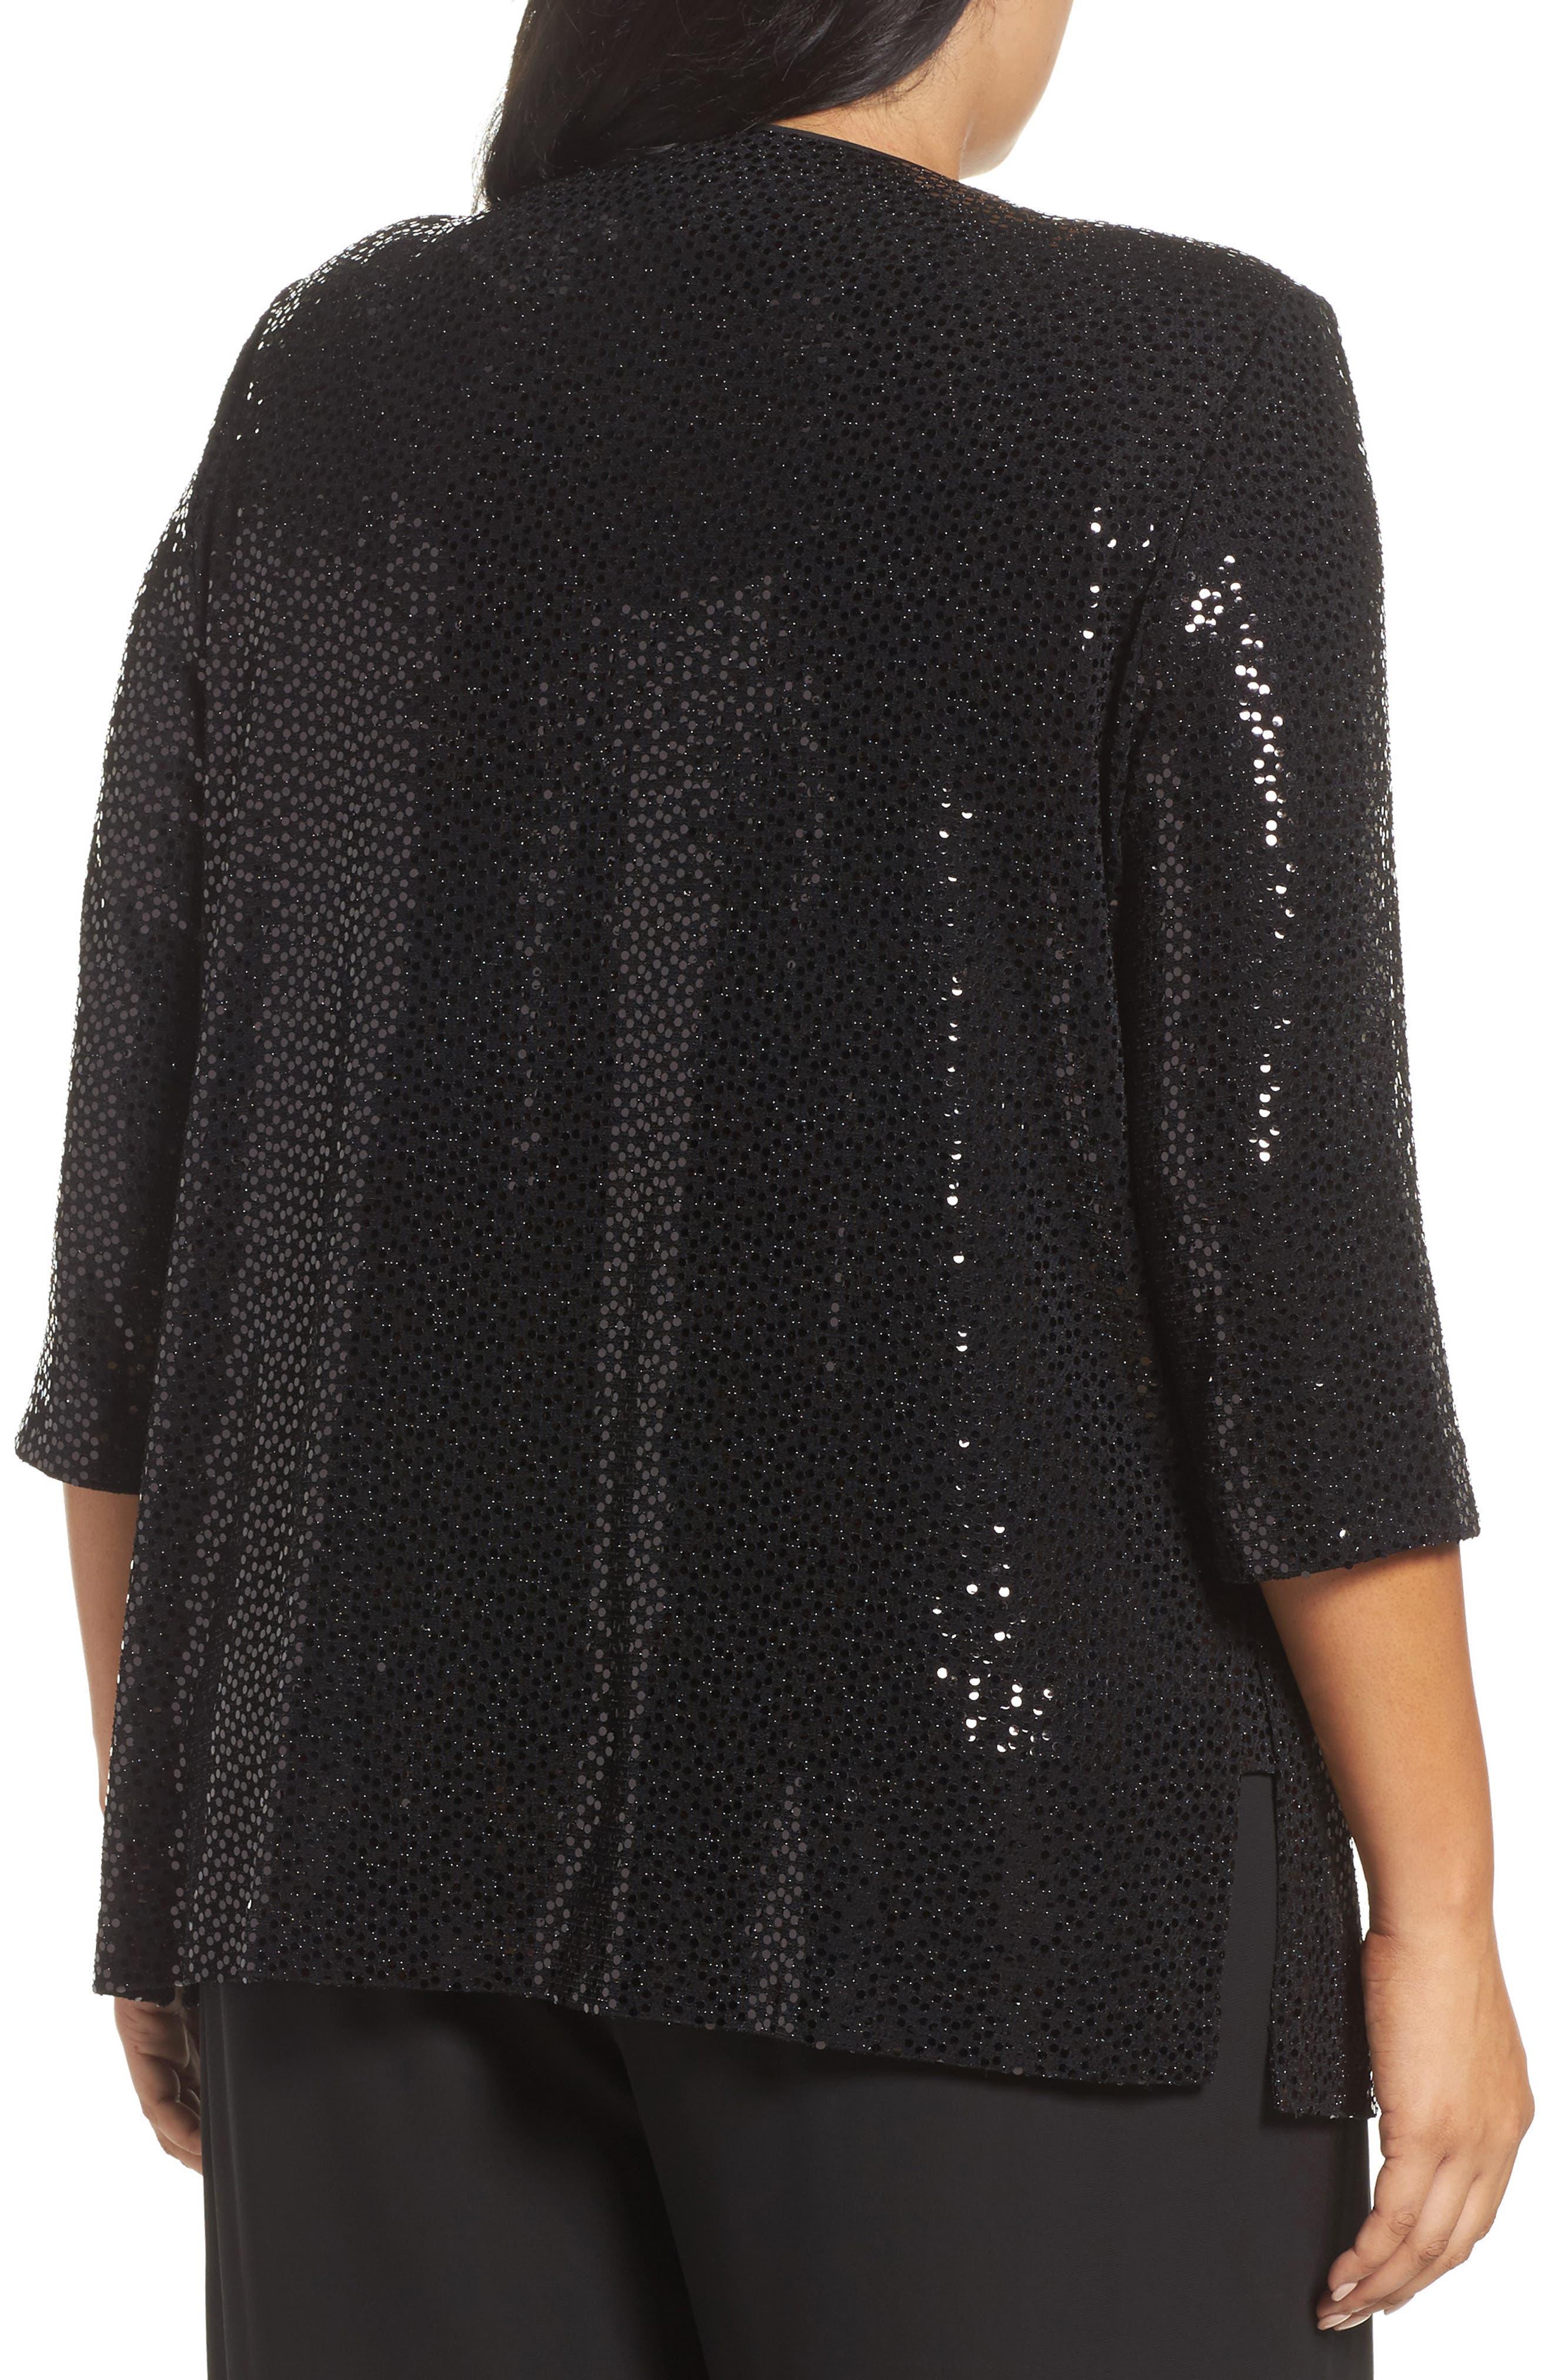 Alternate Image 2  - Alex Evenings Sequin Knit Twinset (Plus Size)